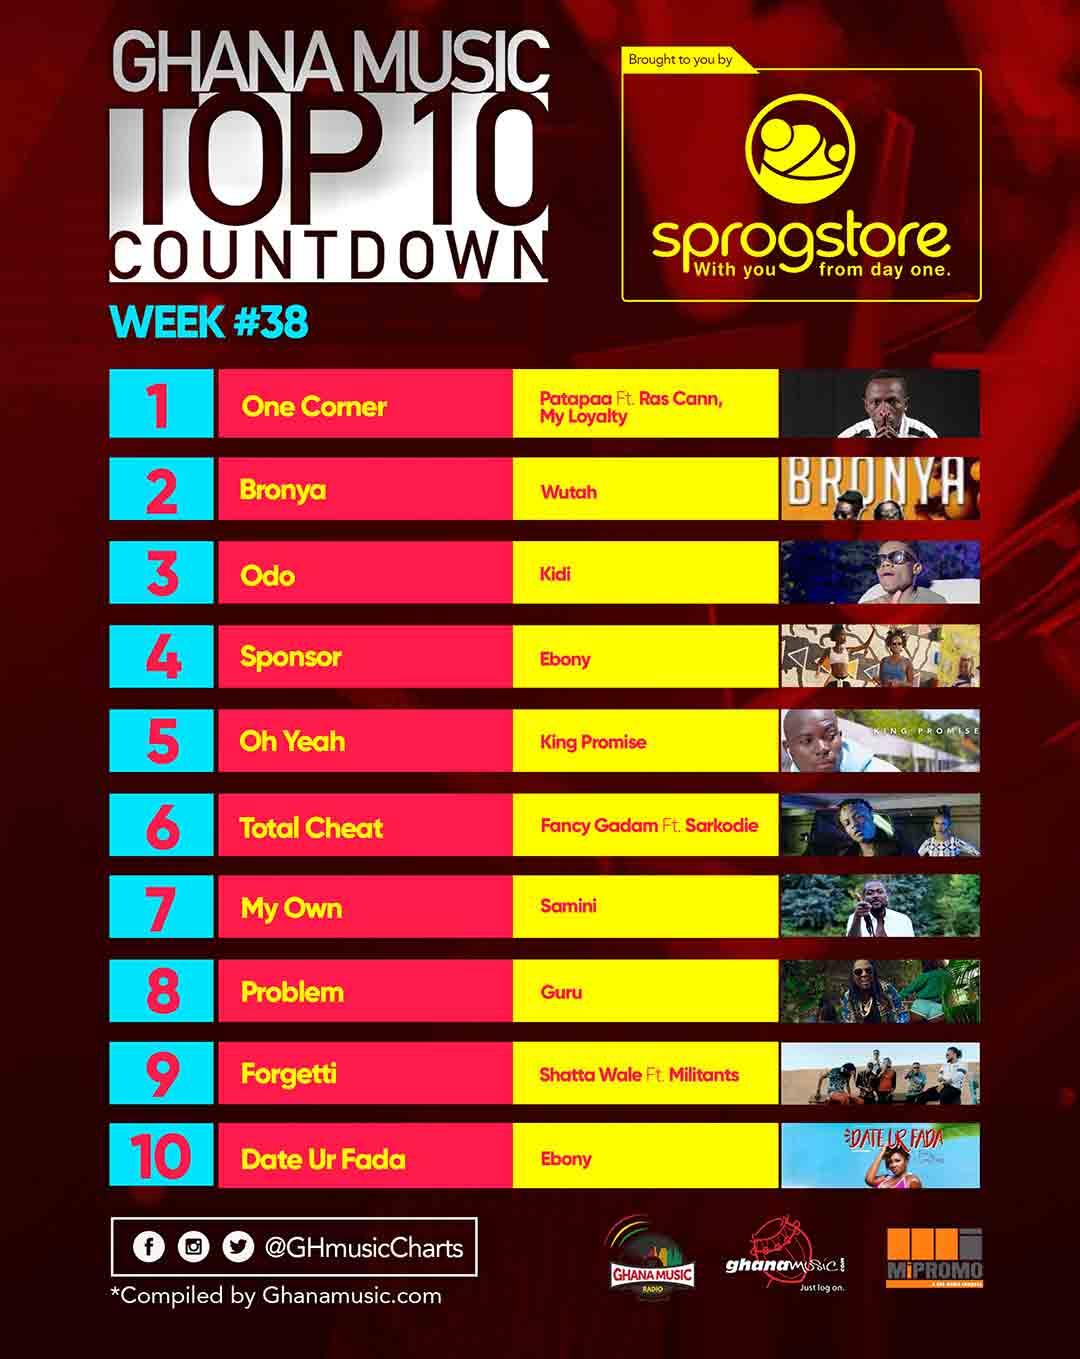 Week #38: Week ending Saturday, September 23rd, 2017. Ghana Music Top 10 Countdown.